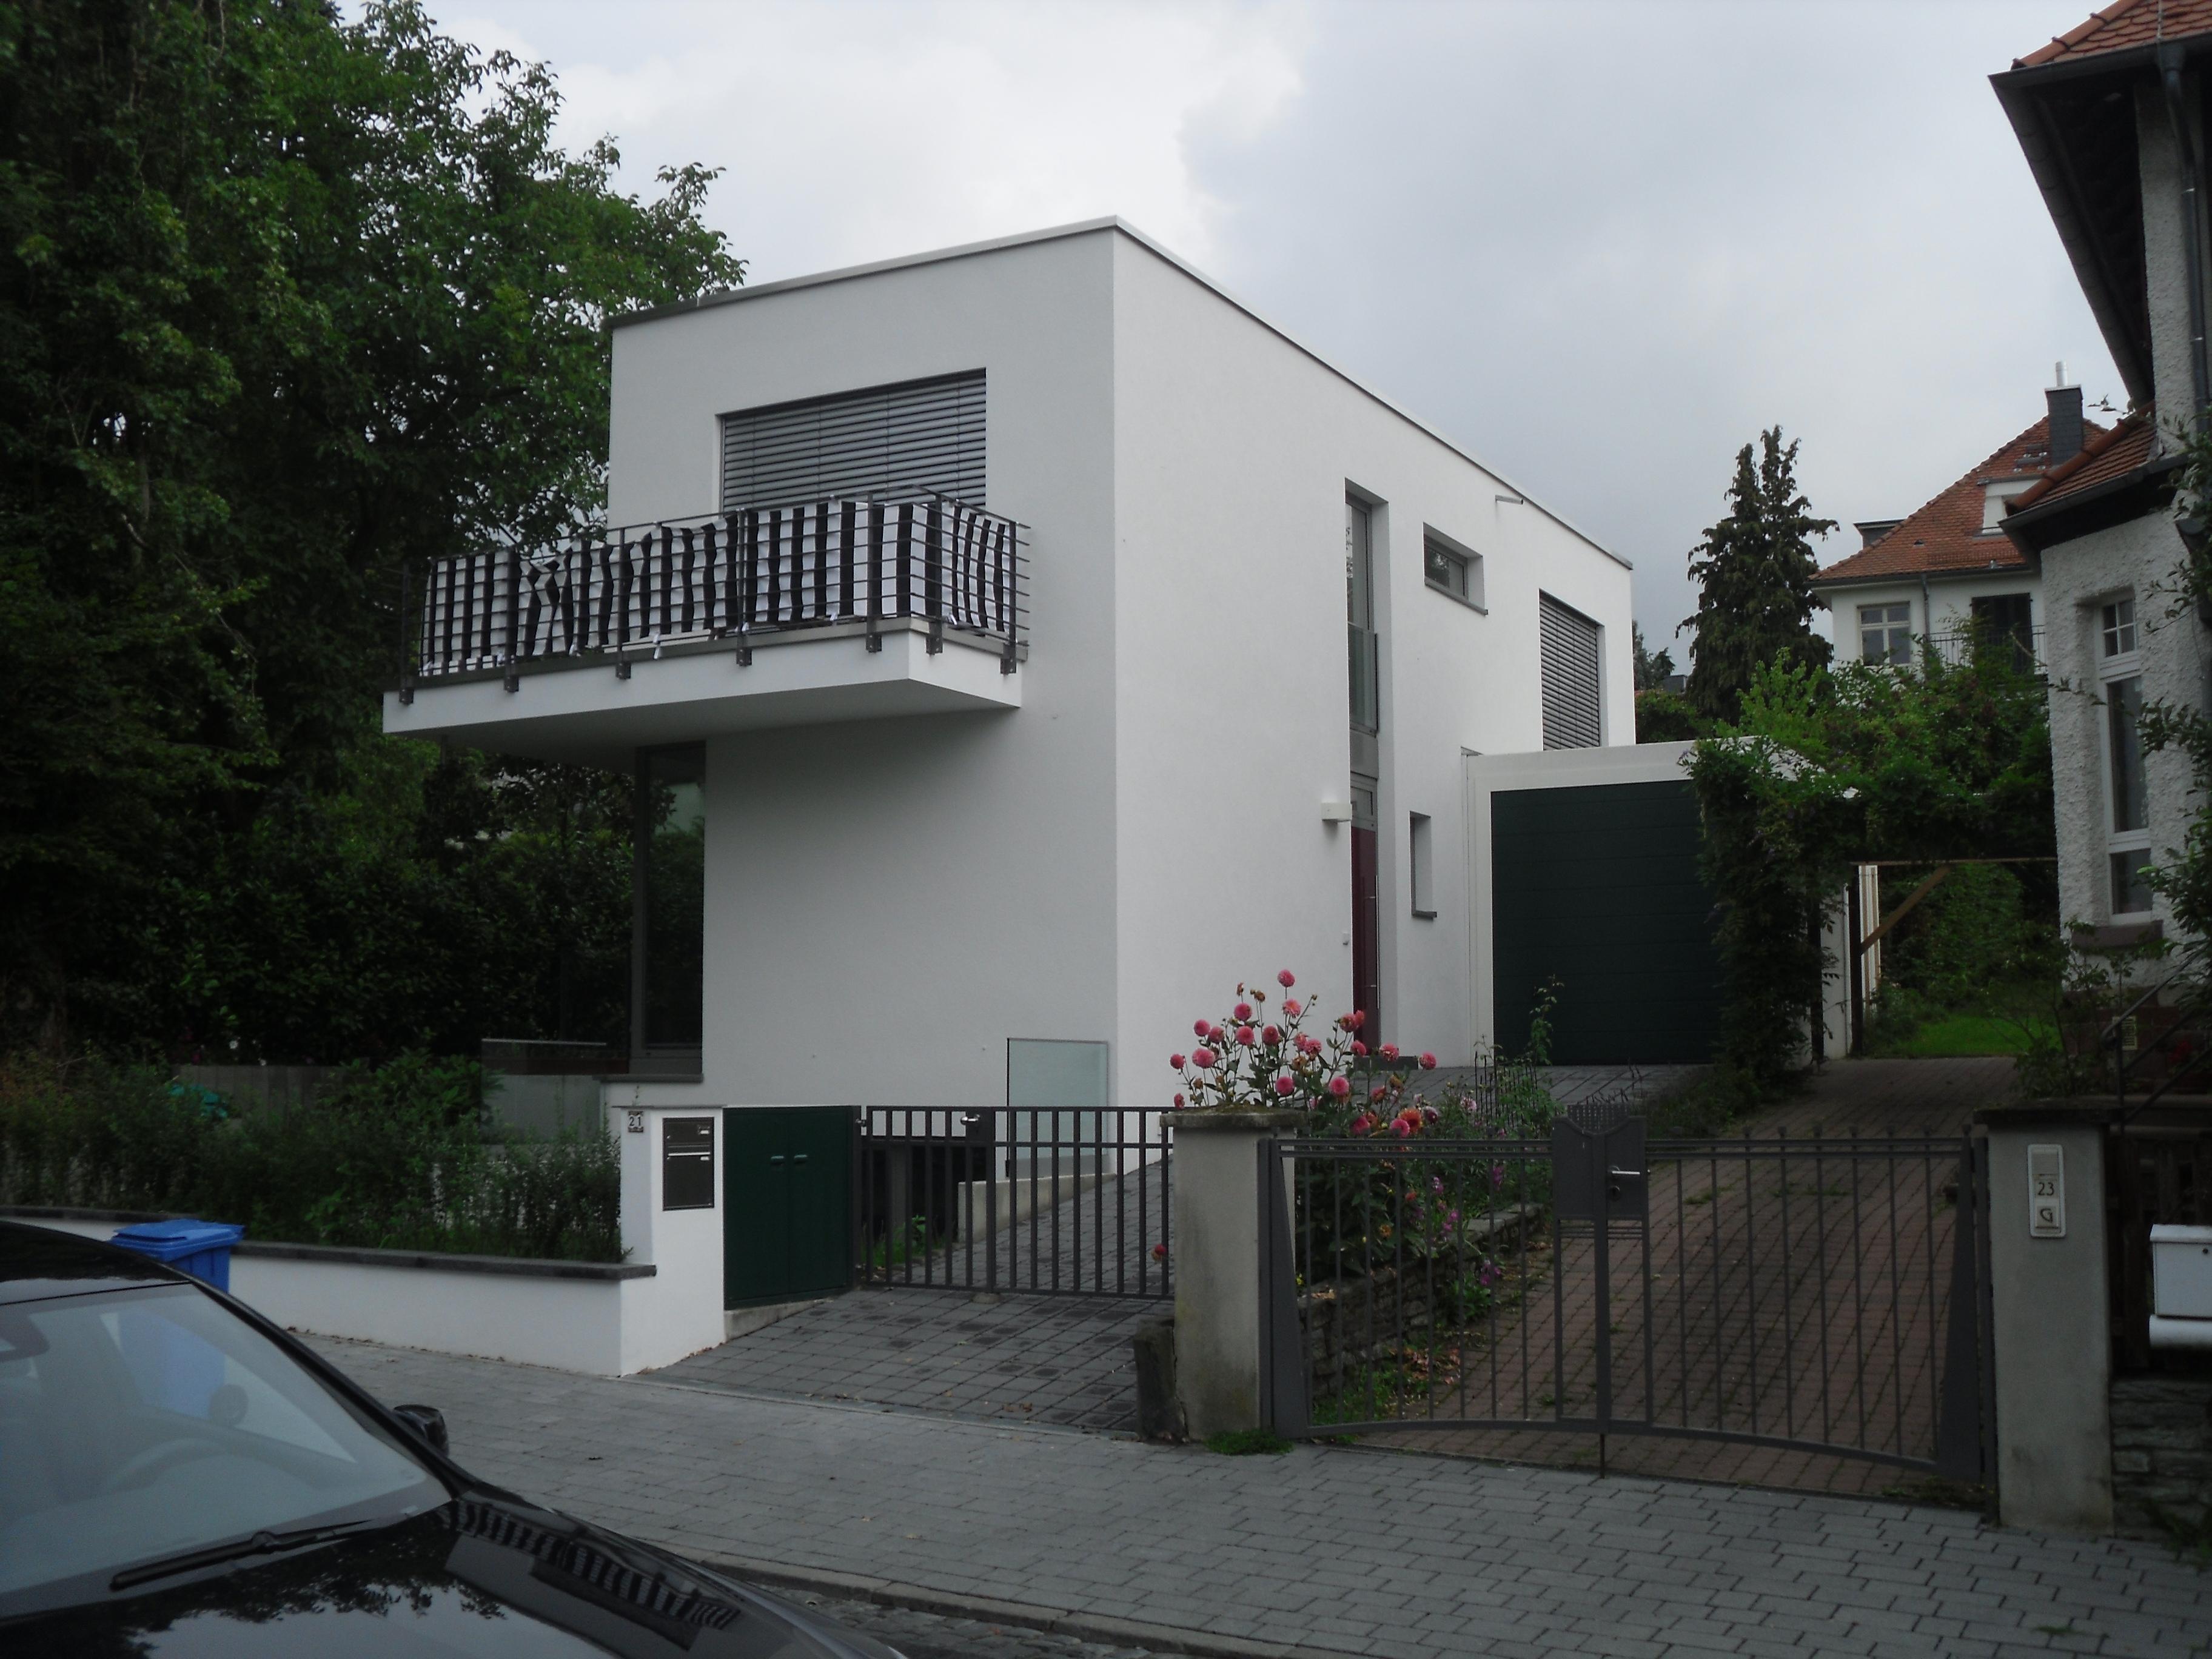 Einfamilienhaus 2010